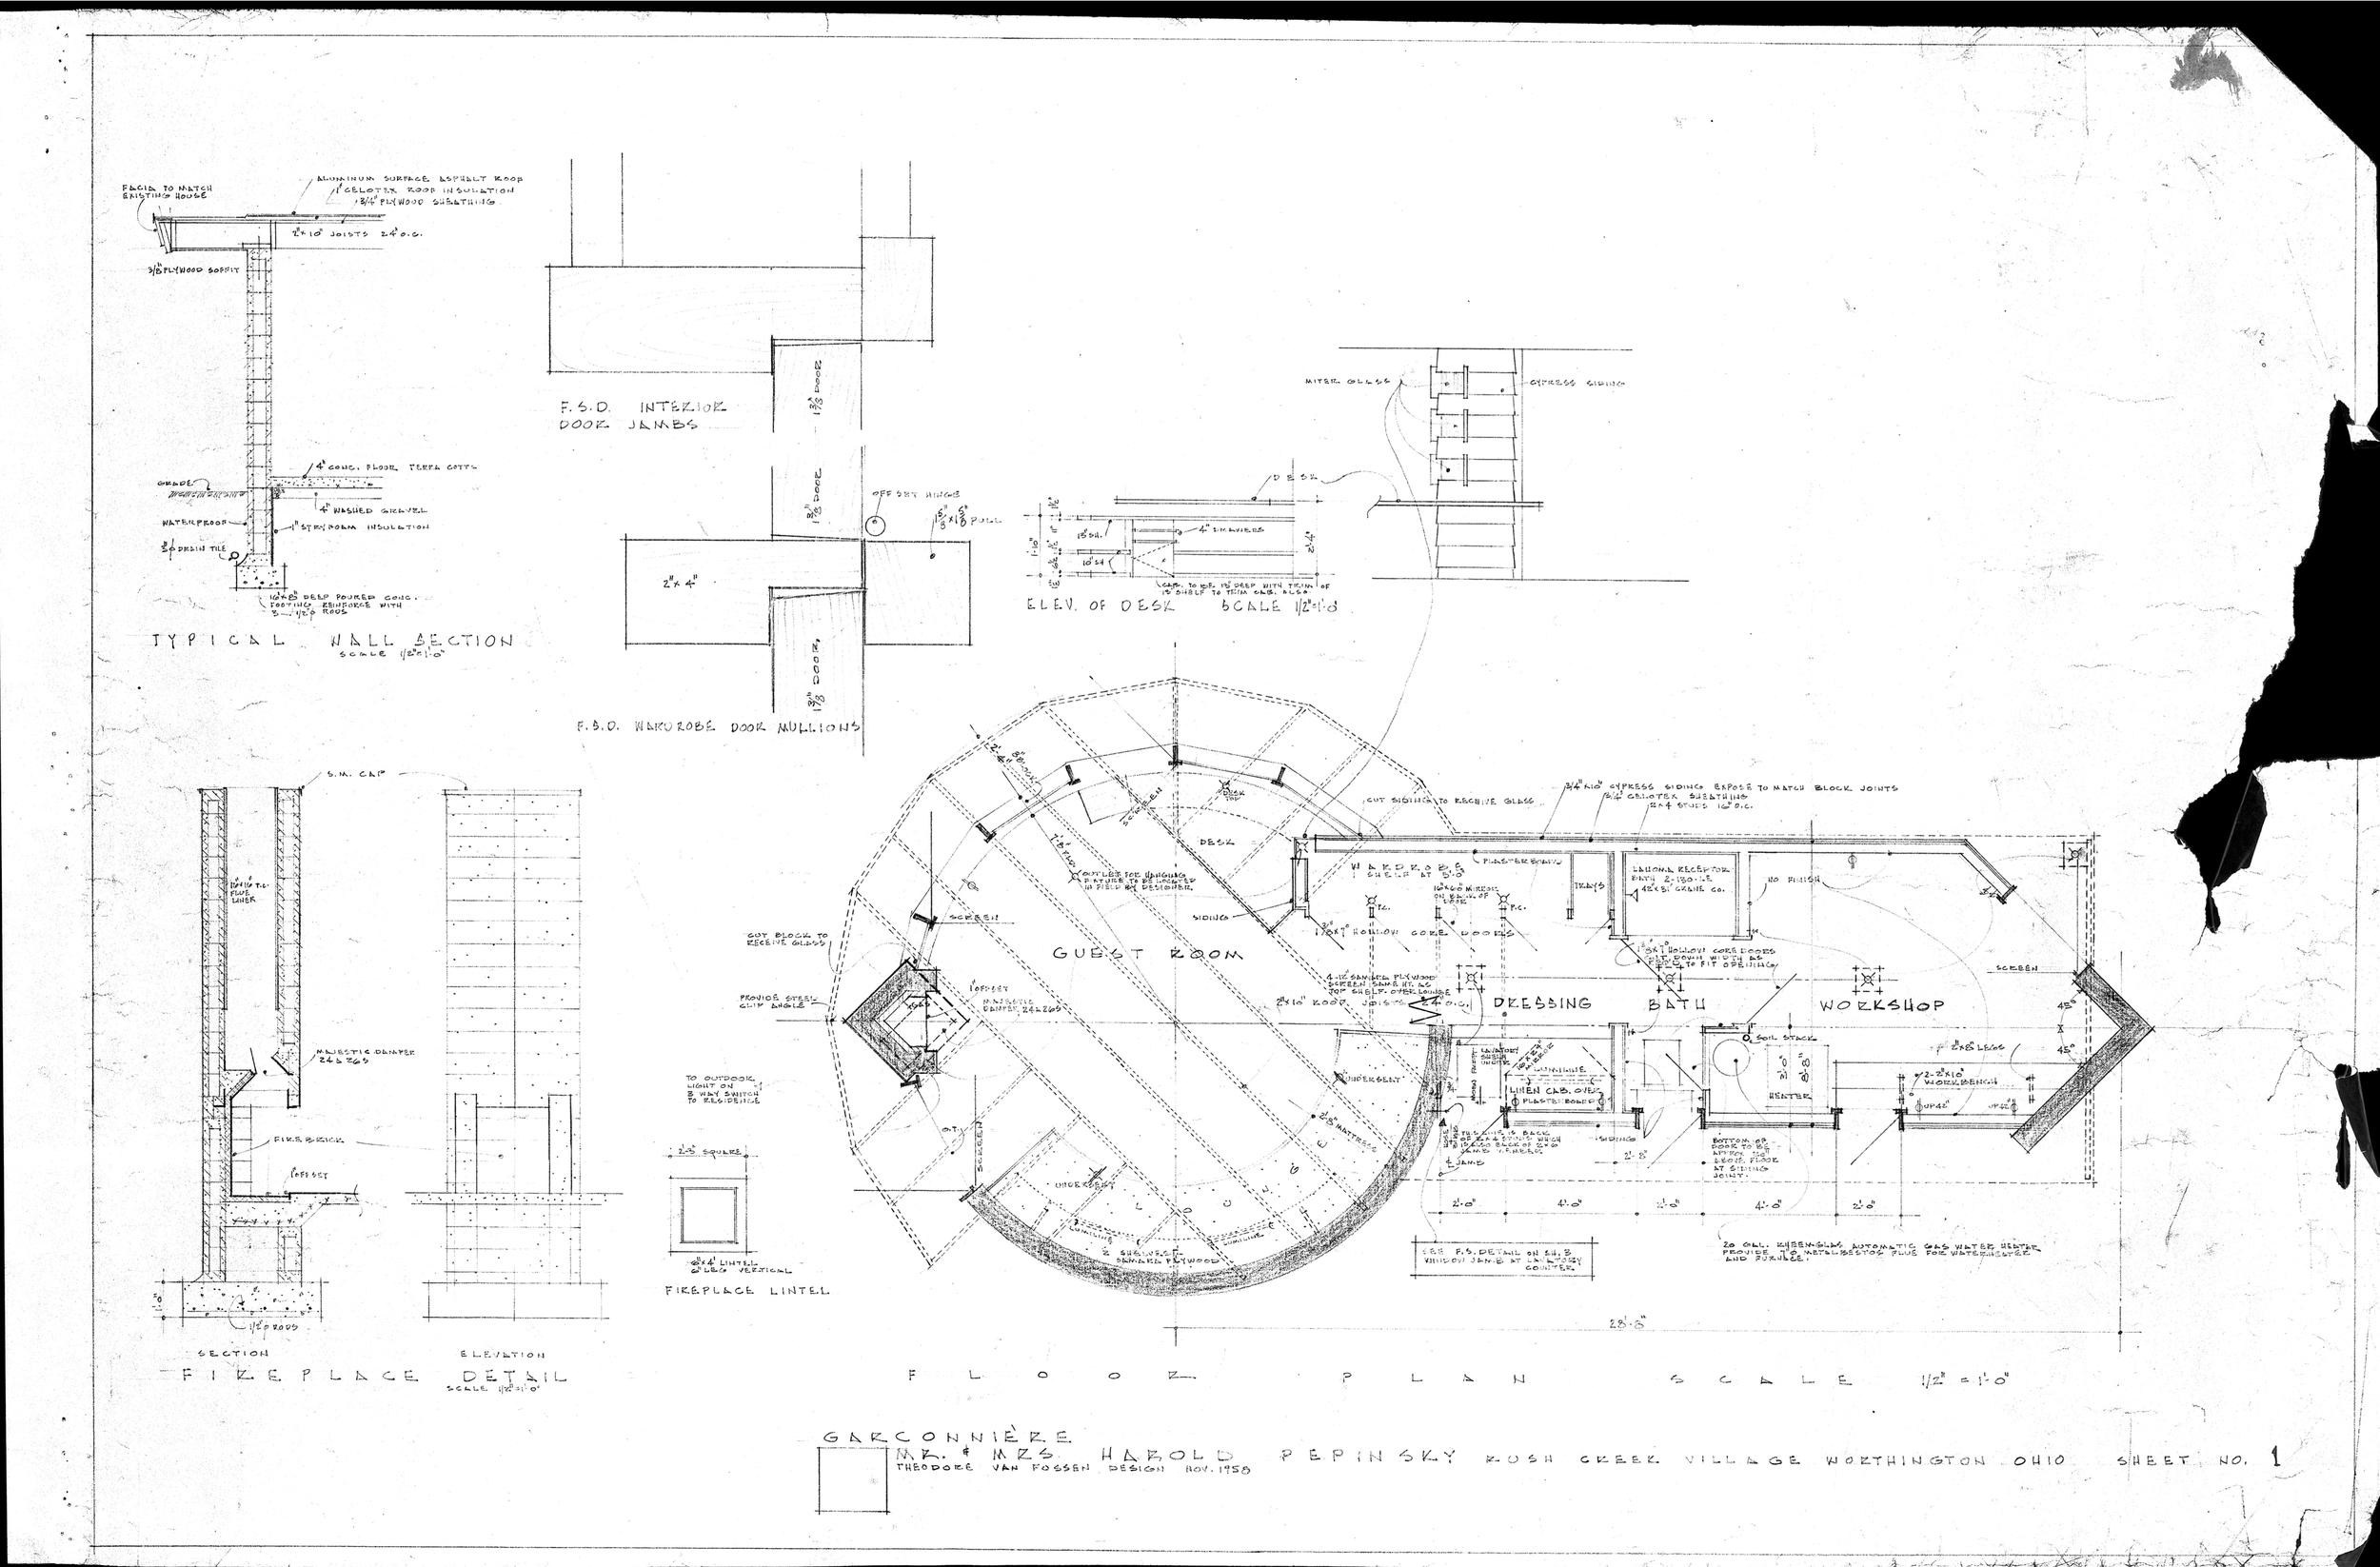 ted van fossen's original plan of the guest house